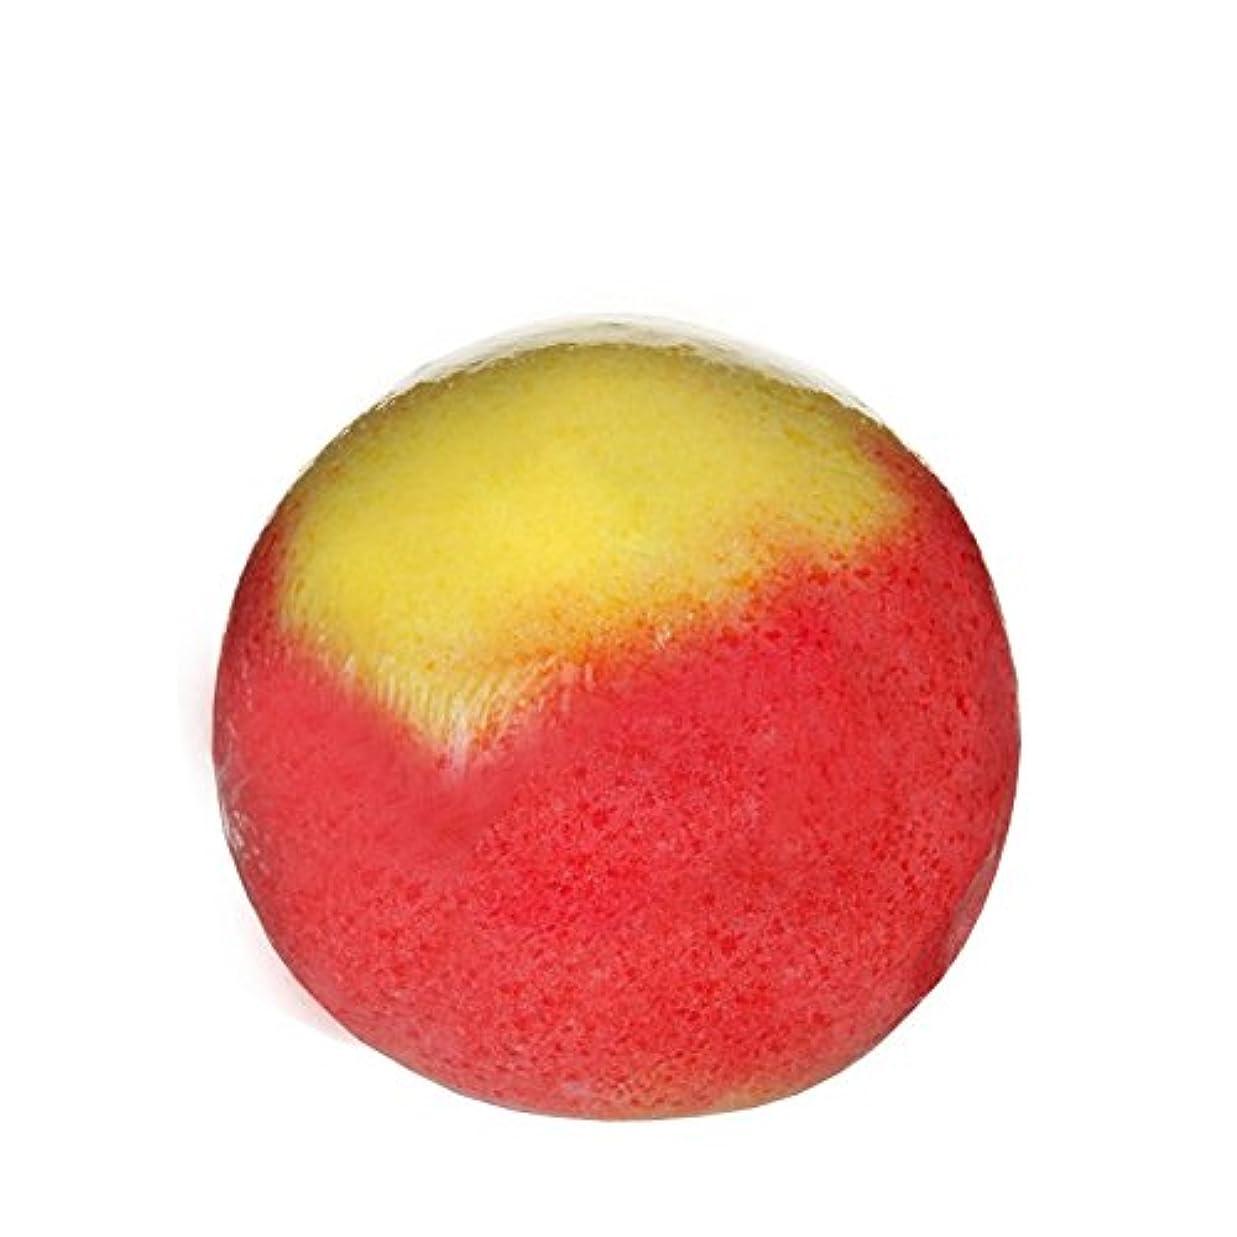 幹混雑許容できるTreetsバスボールカラーパーティー170グラム - Treets Bath Ball Colour Party 170g (Treets) [並行輸入品]